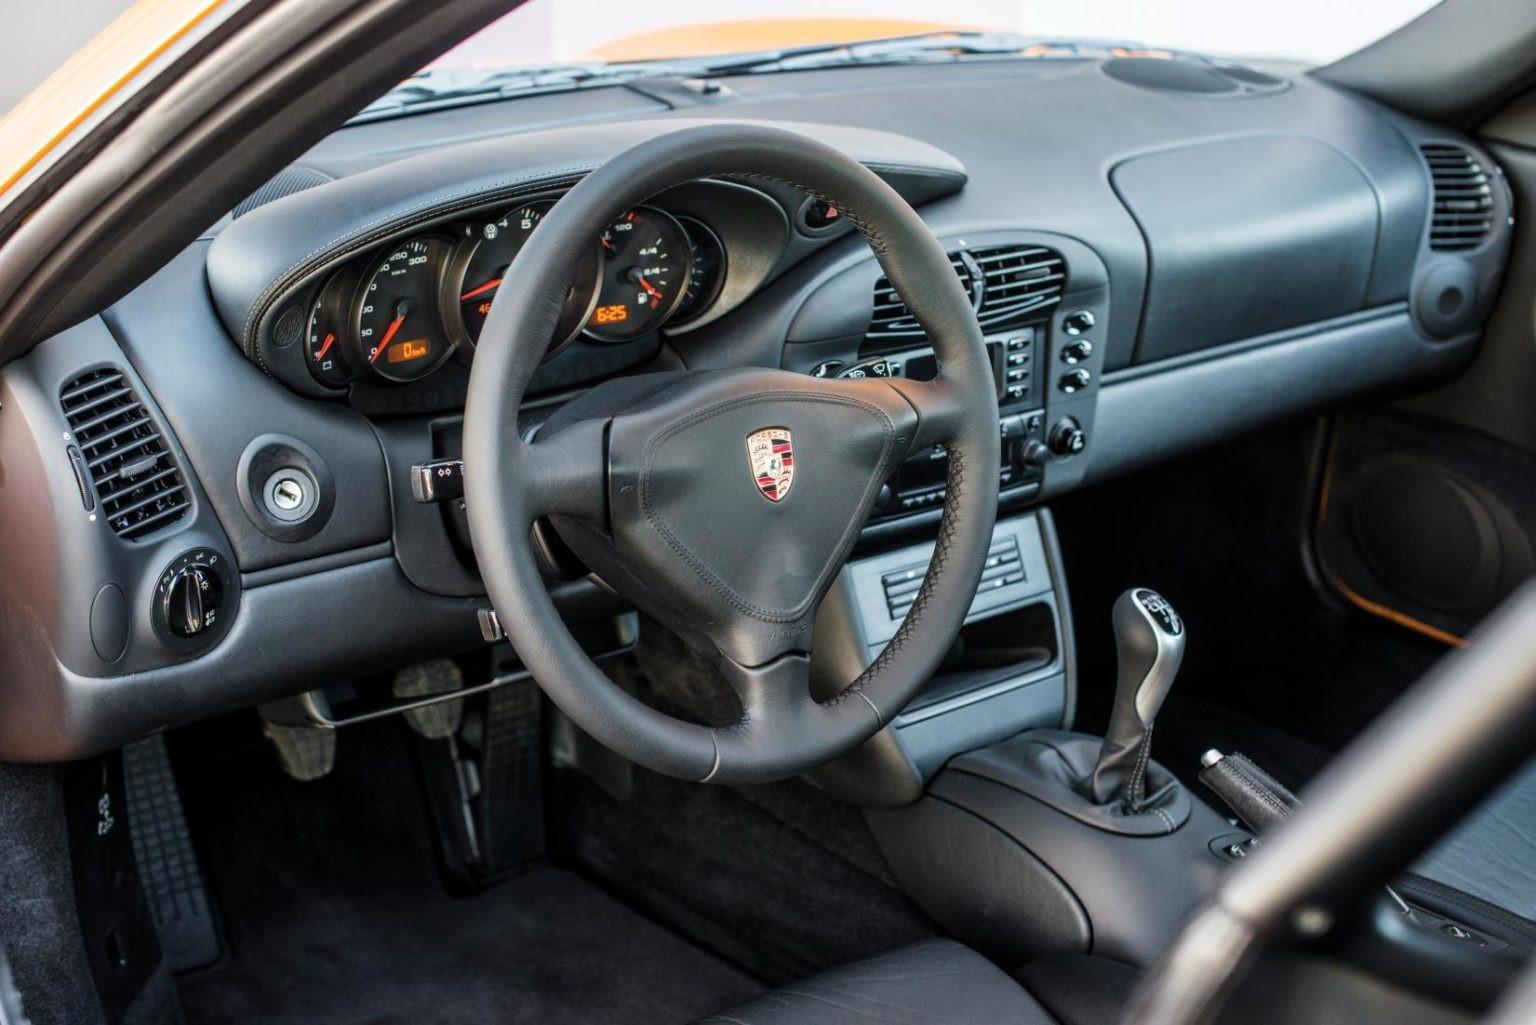 bienvenue-a-bord-de-la-911-turbo-des-annees-70-a-nos-jours-1276-4.jpg